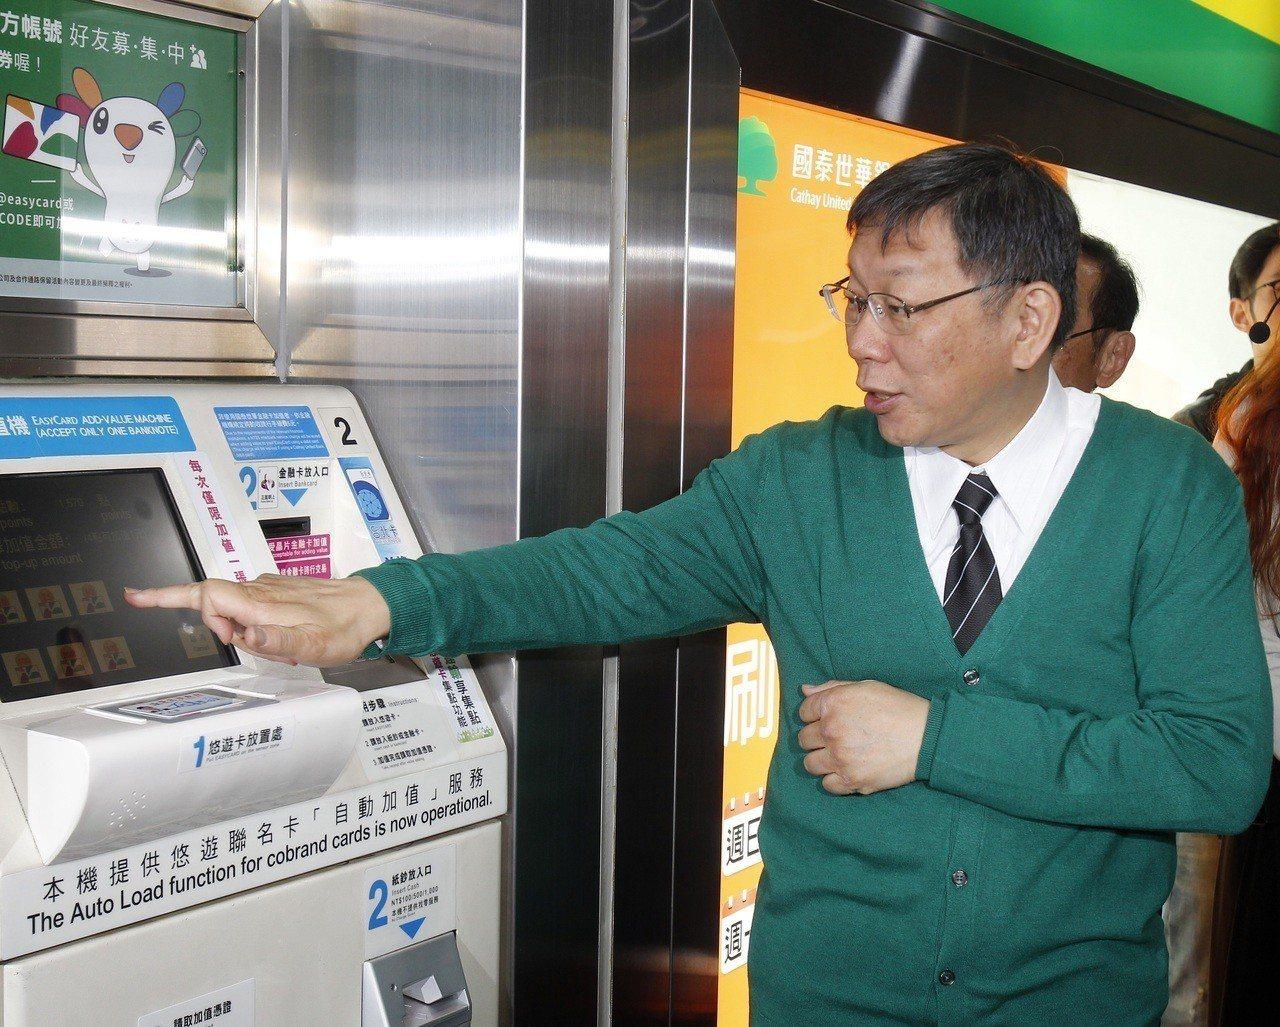 本月初台北市長柯文哲特地在捷運站示範,將UUPON點數兌換悠遊卡儲值金。 圖/U...